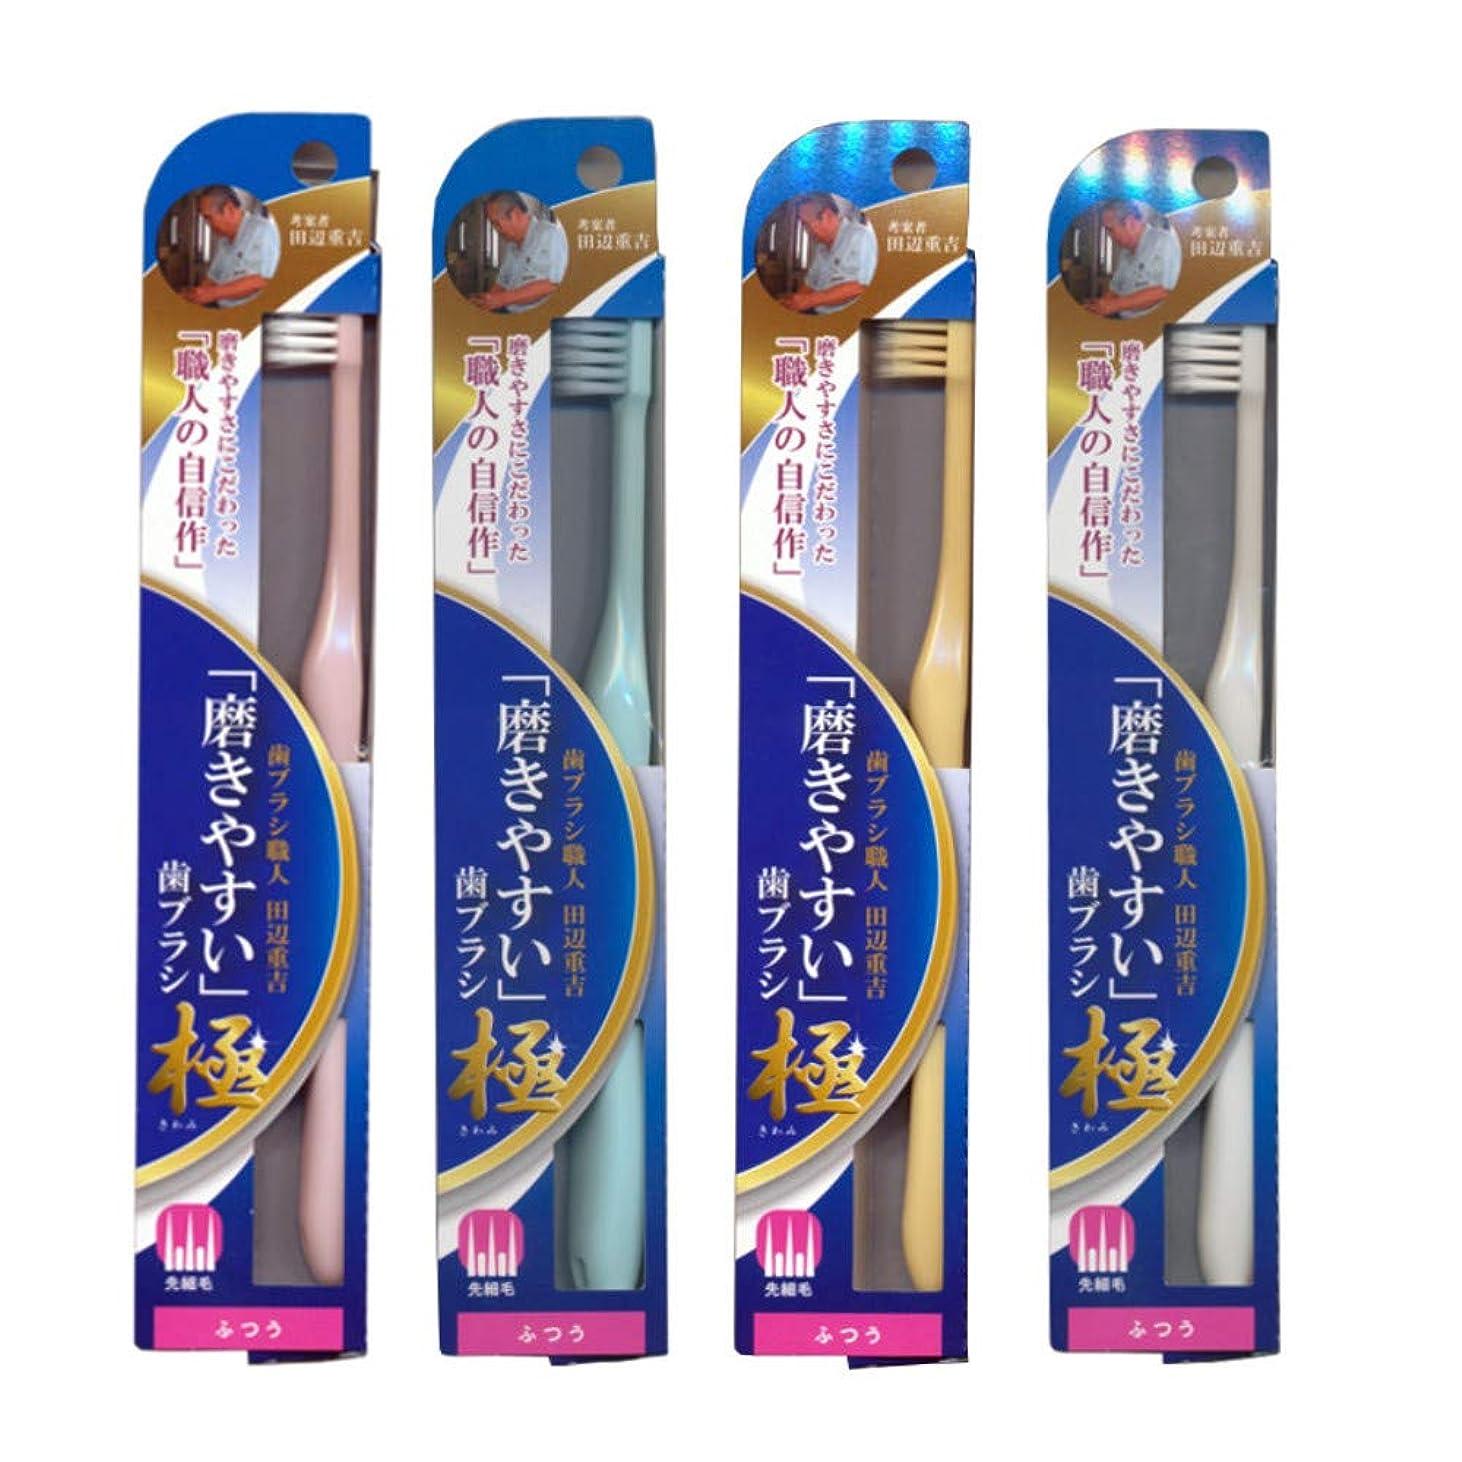 不格好論理的に内側磨きやすい歯ブラシ極 (ふつう) LT-44×4本セット(ピンク×1、ブルー×1、ホワイト×1、イエロー×1)先細毛